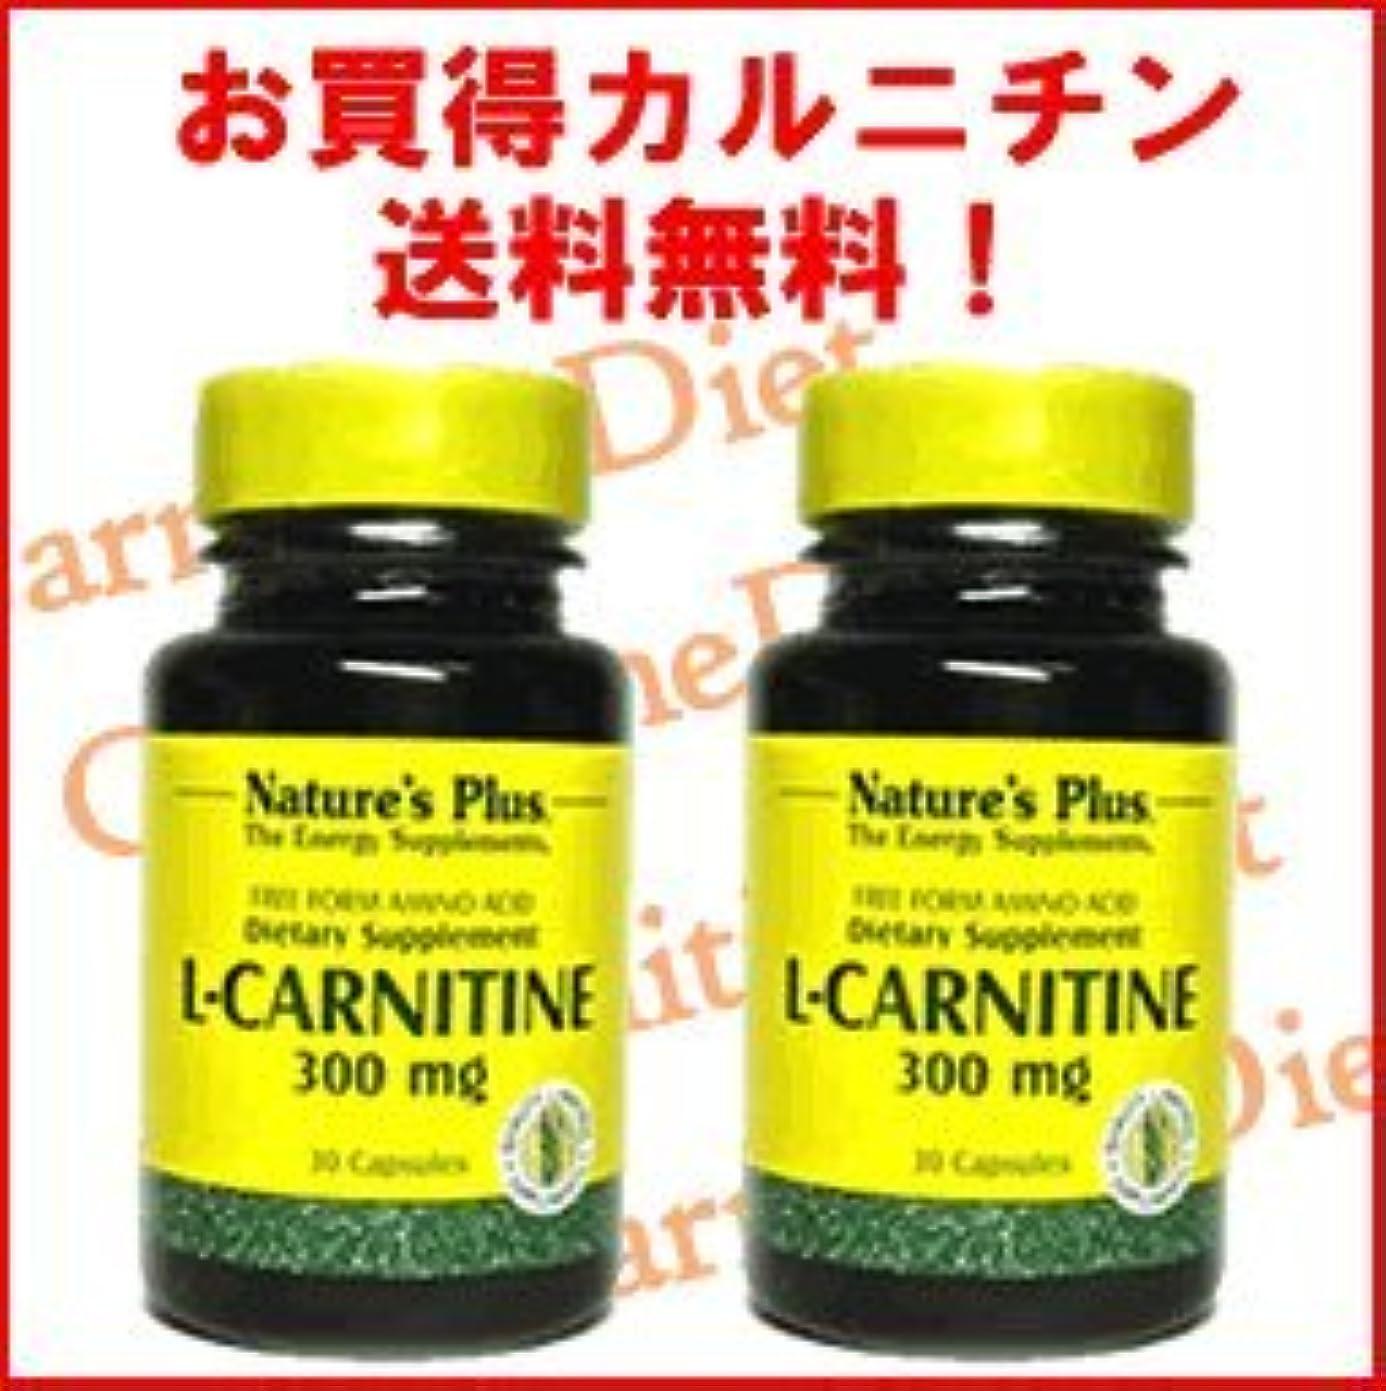 数スパーク存在L-カルニチン300mg 2本セット